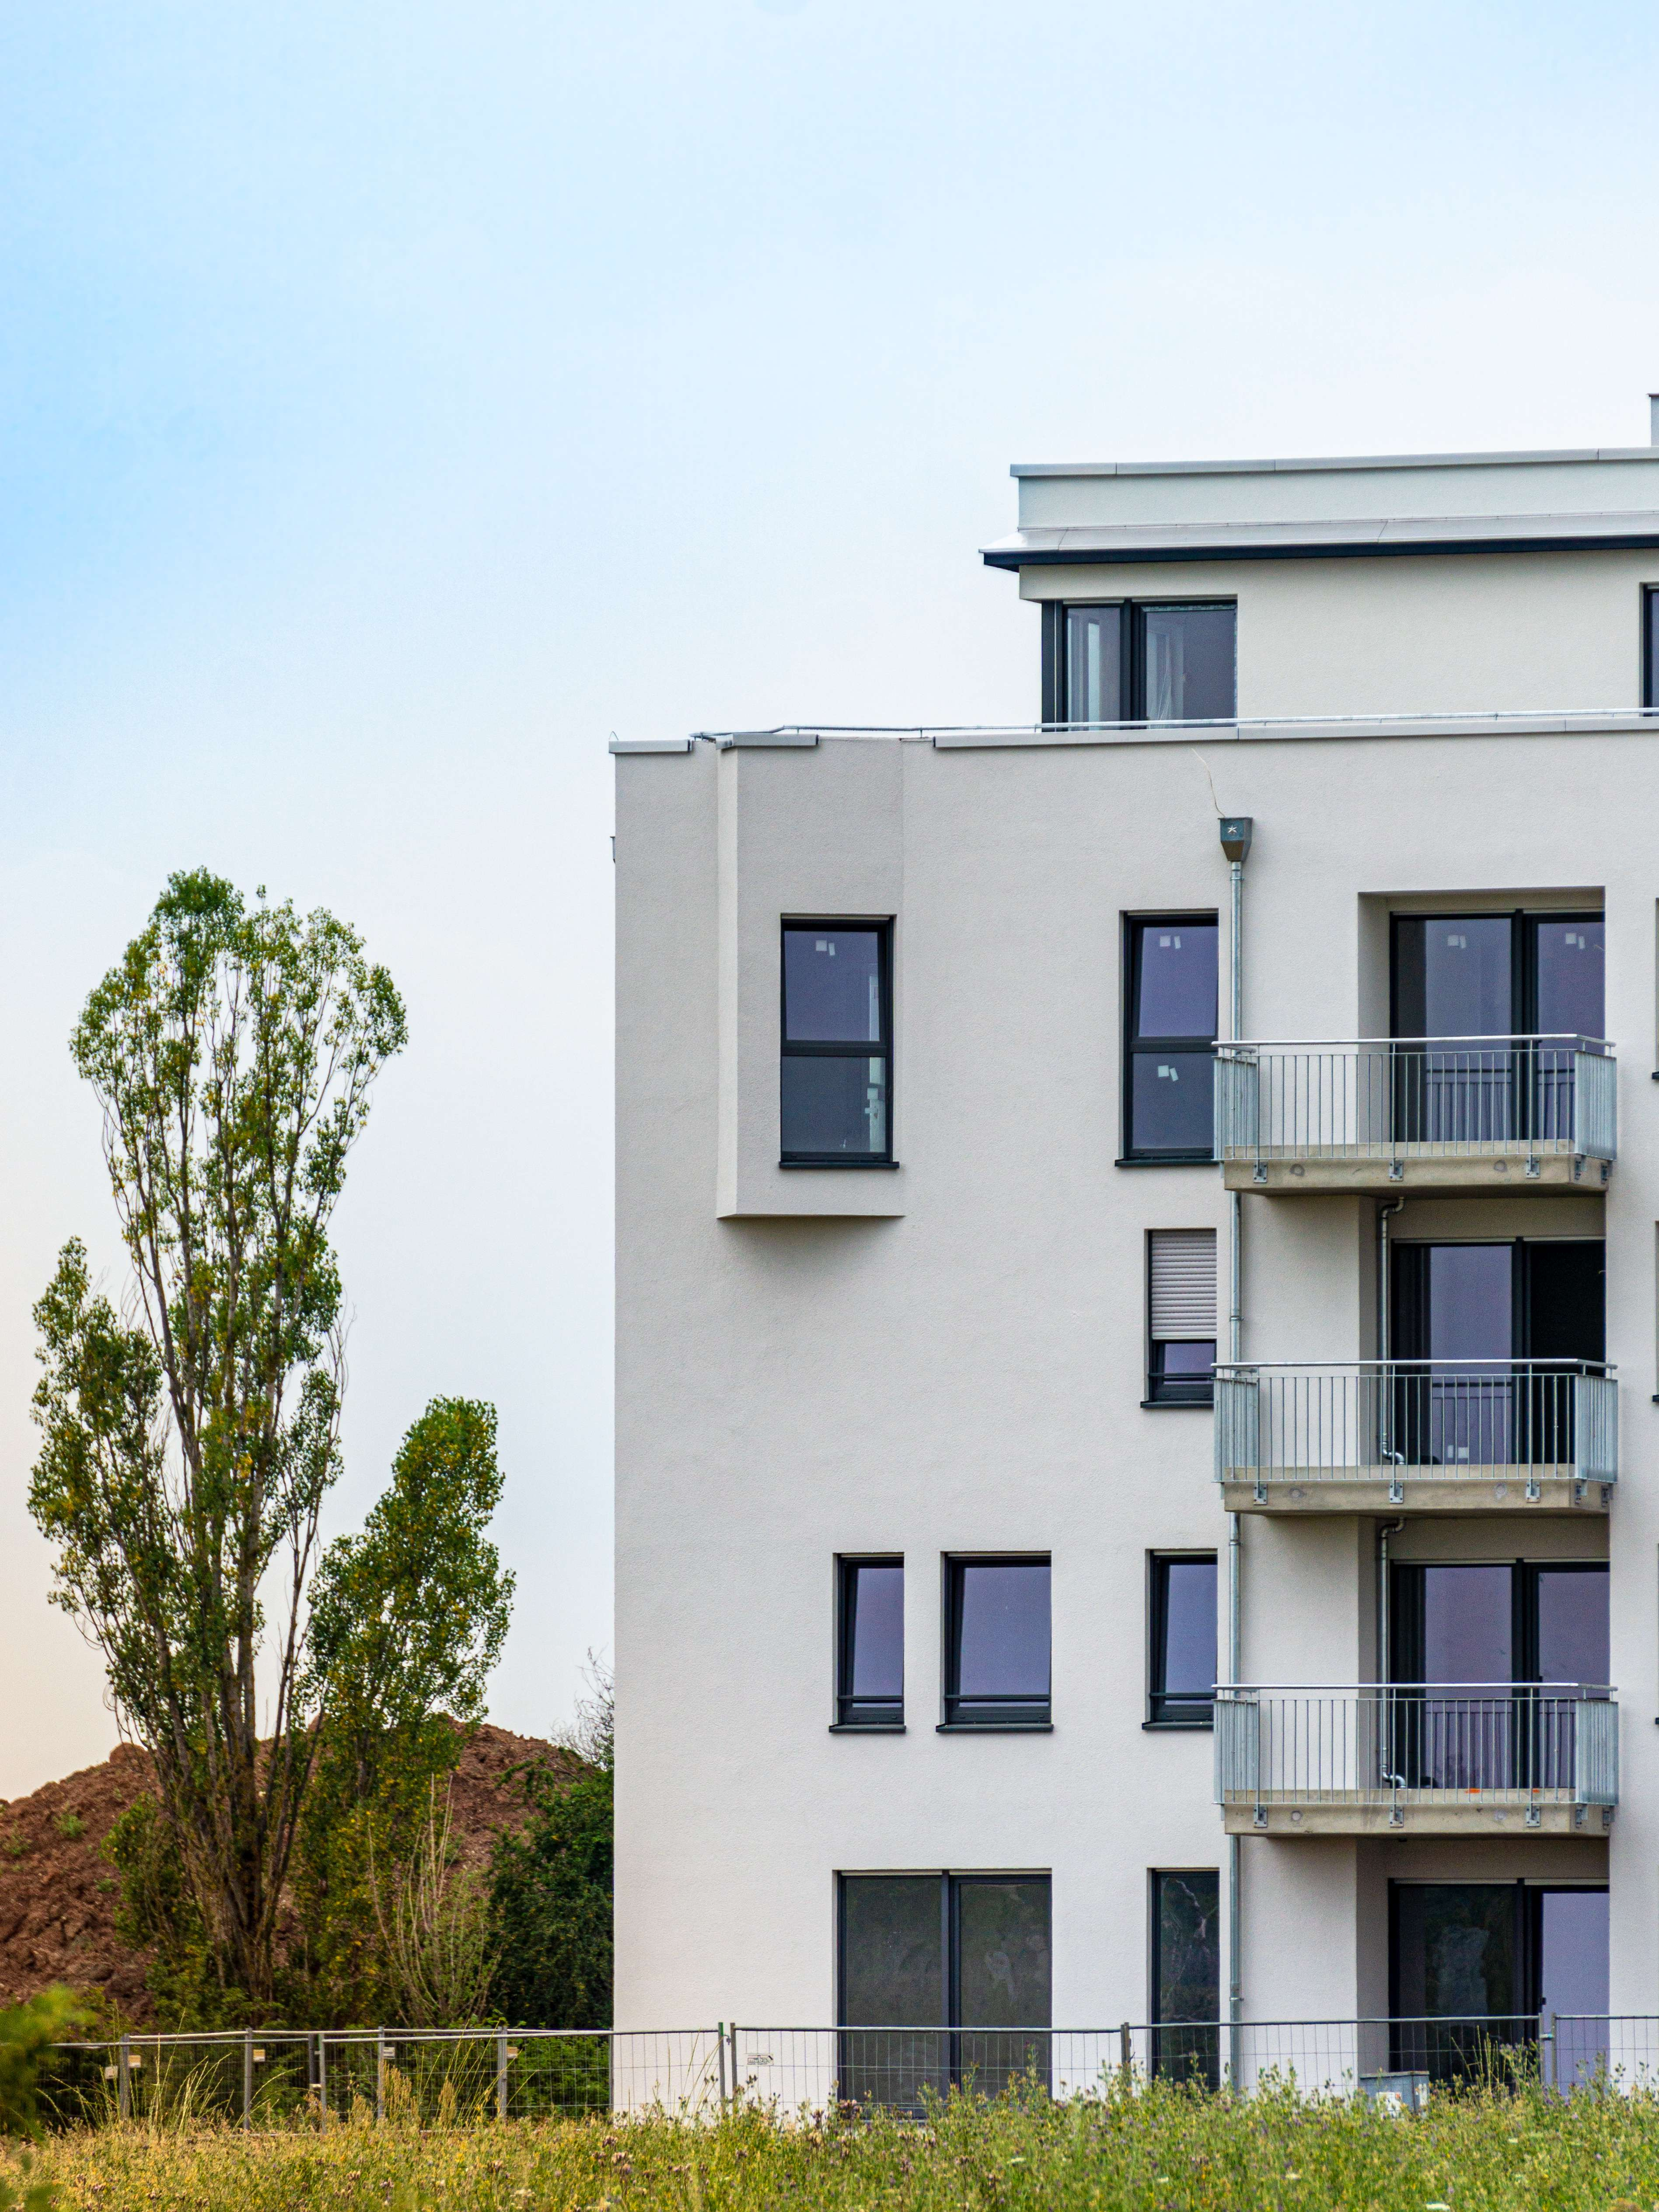 3-Zimmer-Wohnung 18.08 in den Aristide-Gärten (Herzo-Base) in Herzogenaurach